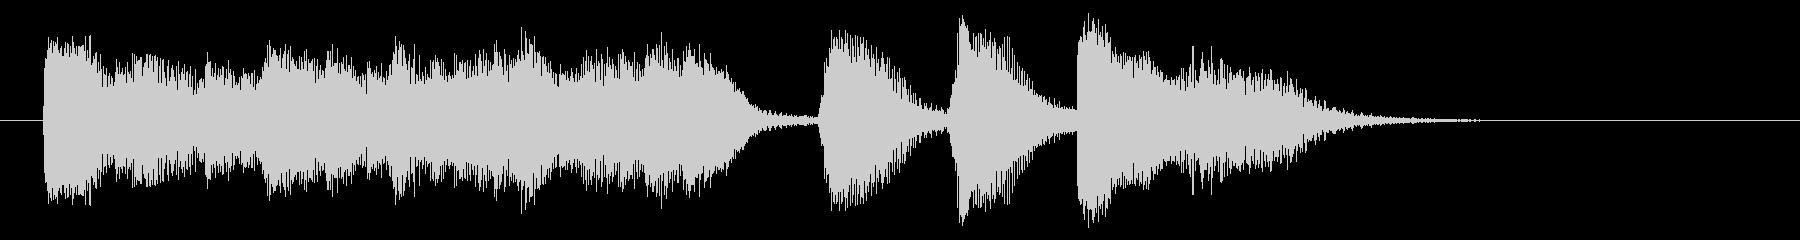 はげしいピアノの5秒ジングルの未再生の波形